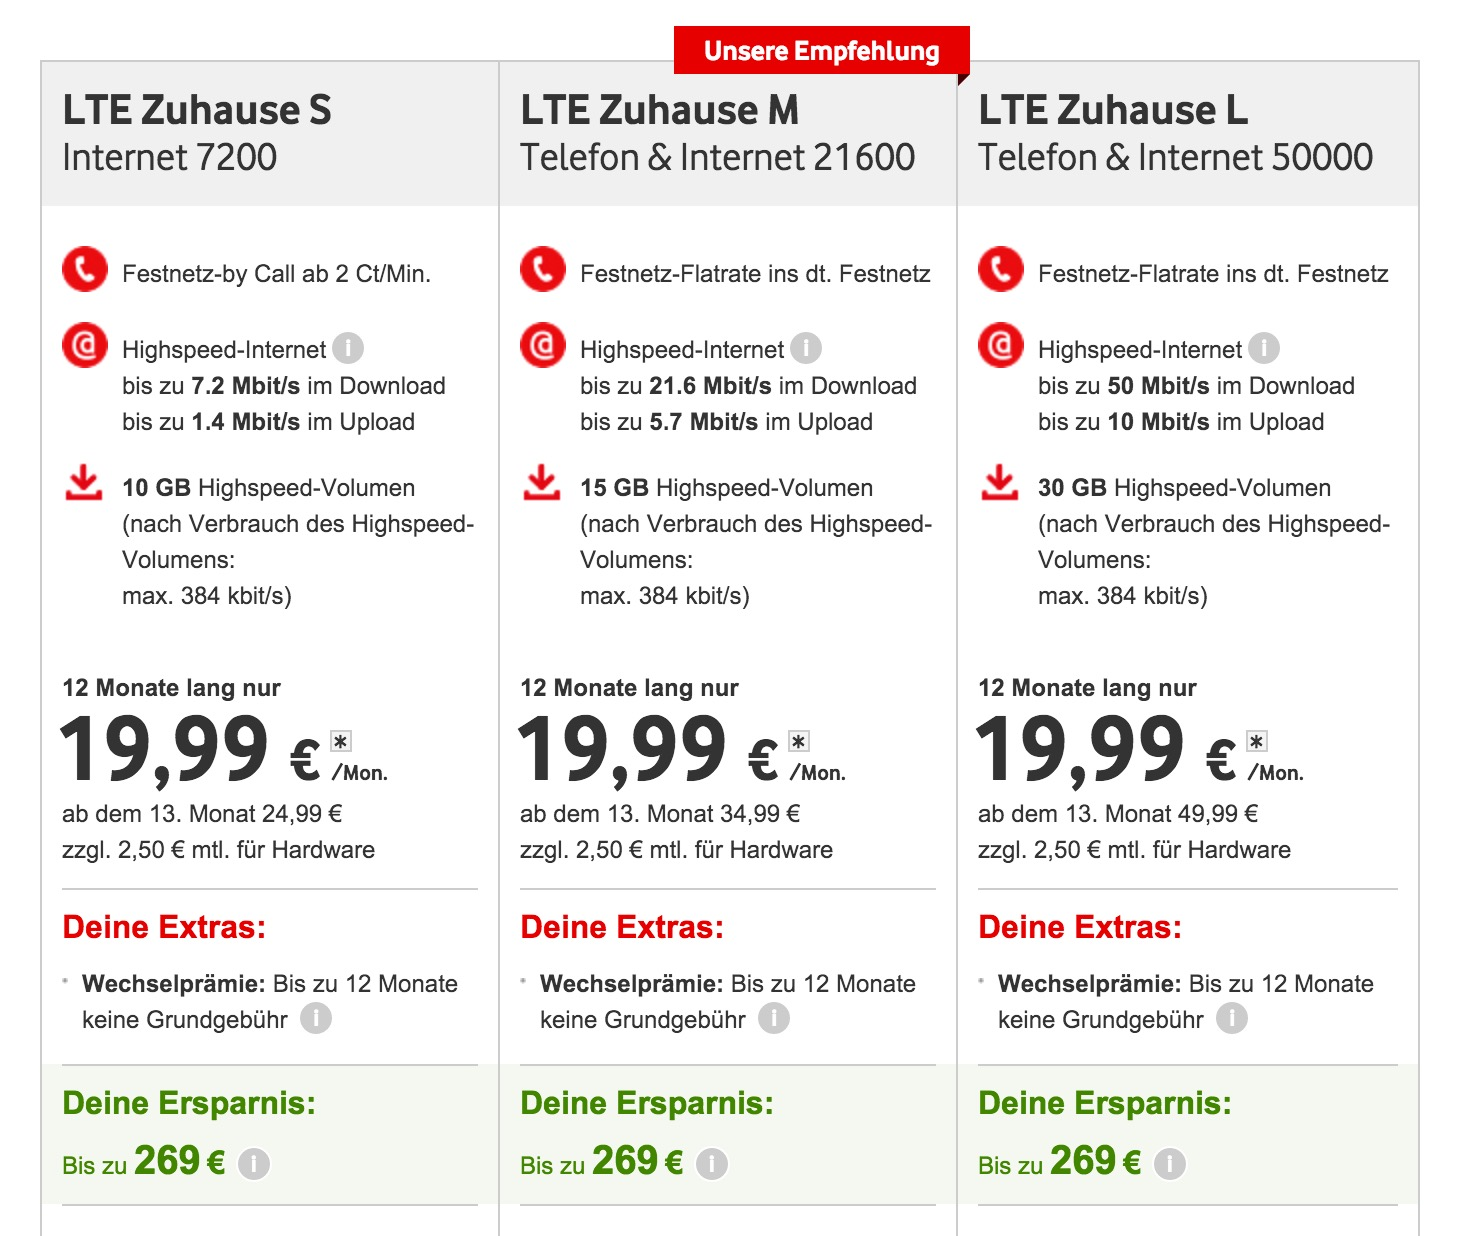 Das LTE Festnetz Angebot von Vodafone - Stand 06.12.2015 (Bild: Screenshot Vodafone.de).